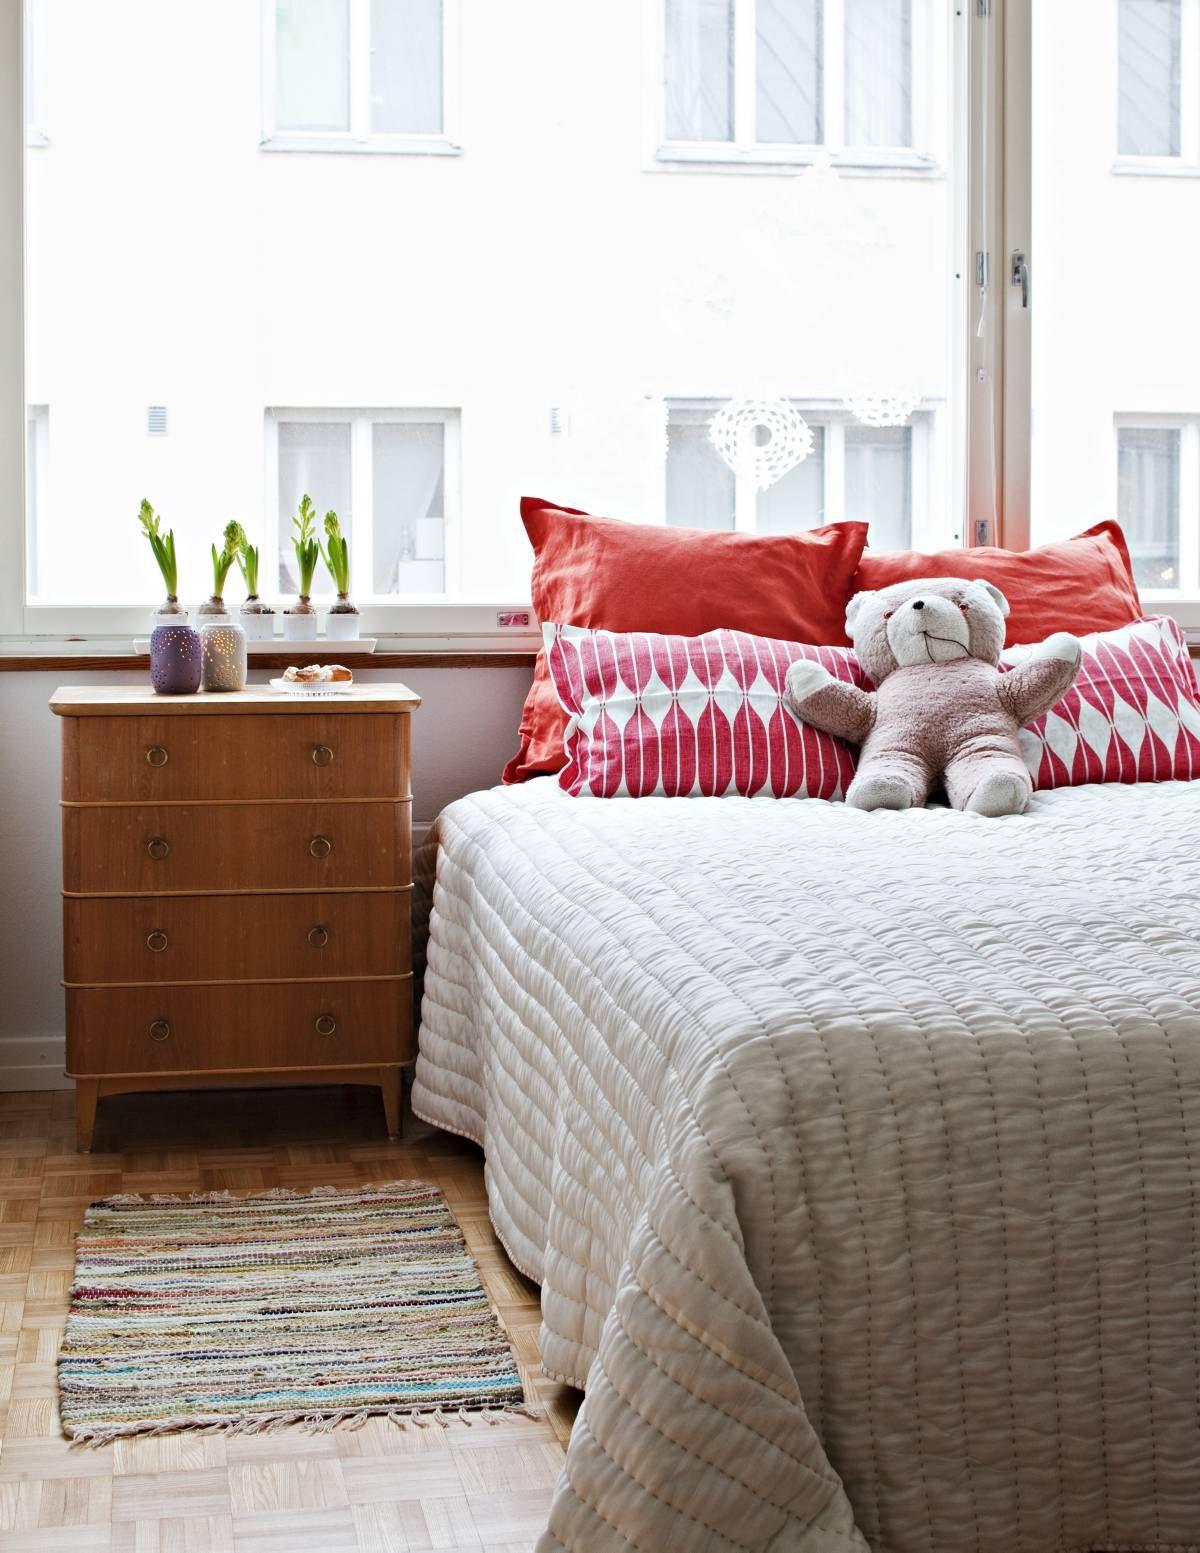 Marjaana hankki makuuhuoneen yöpöydän Iso Roobertinkadun Fida-liikkeestä. Pehmonalle on muisto vauva-ajalta. Pirteät tyynyt on hankittu Mokosta.